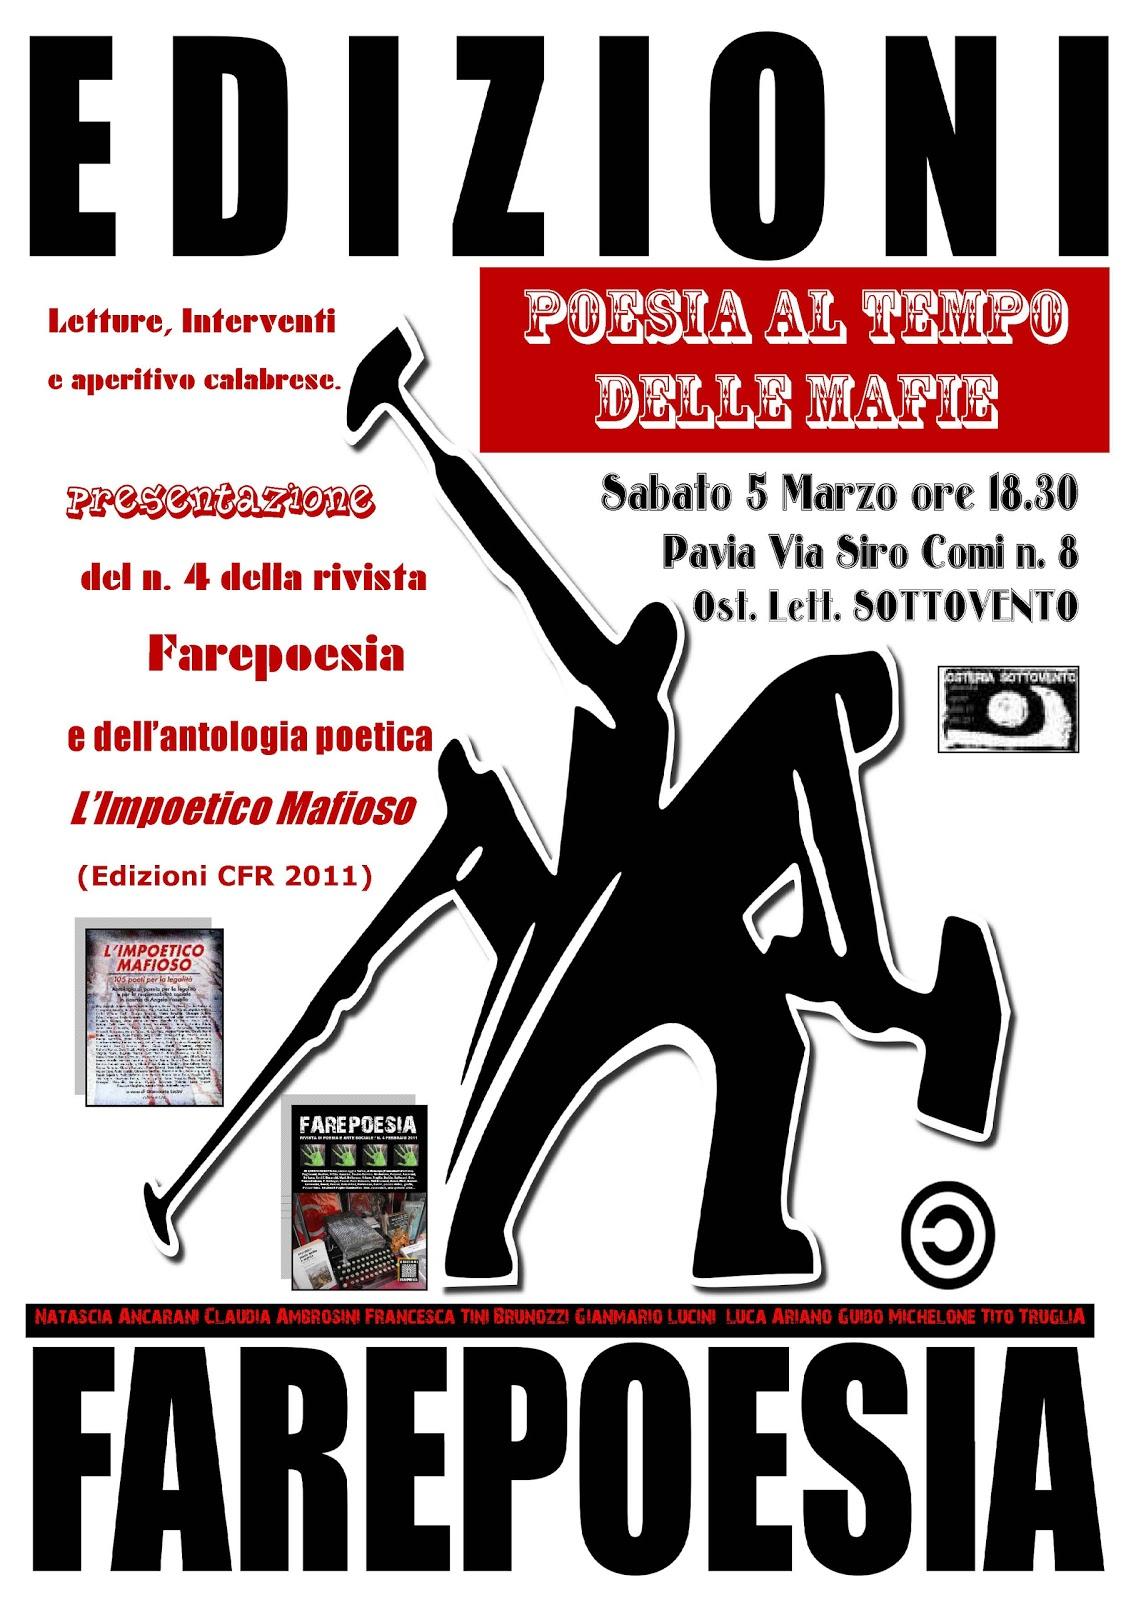 POESIA AL TEMPO DELLE MAFIE a Pavia 5 marzo | farapoesia